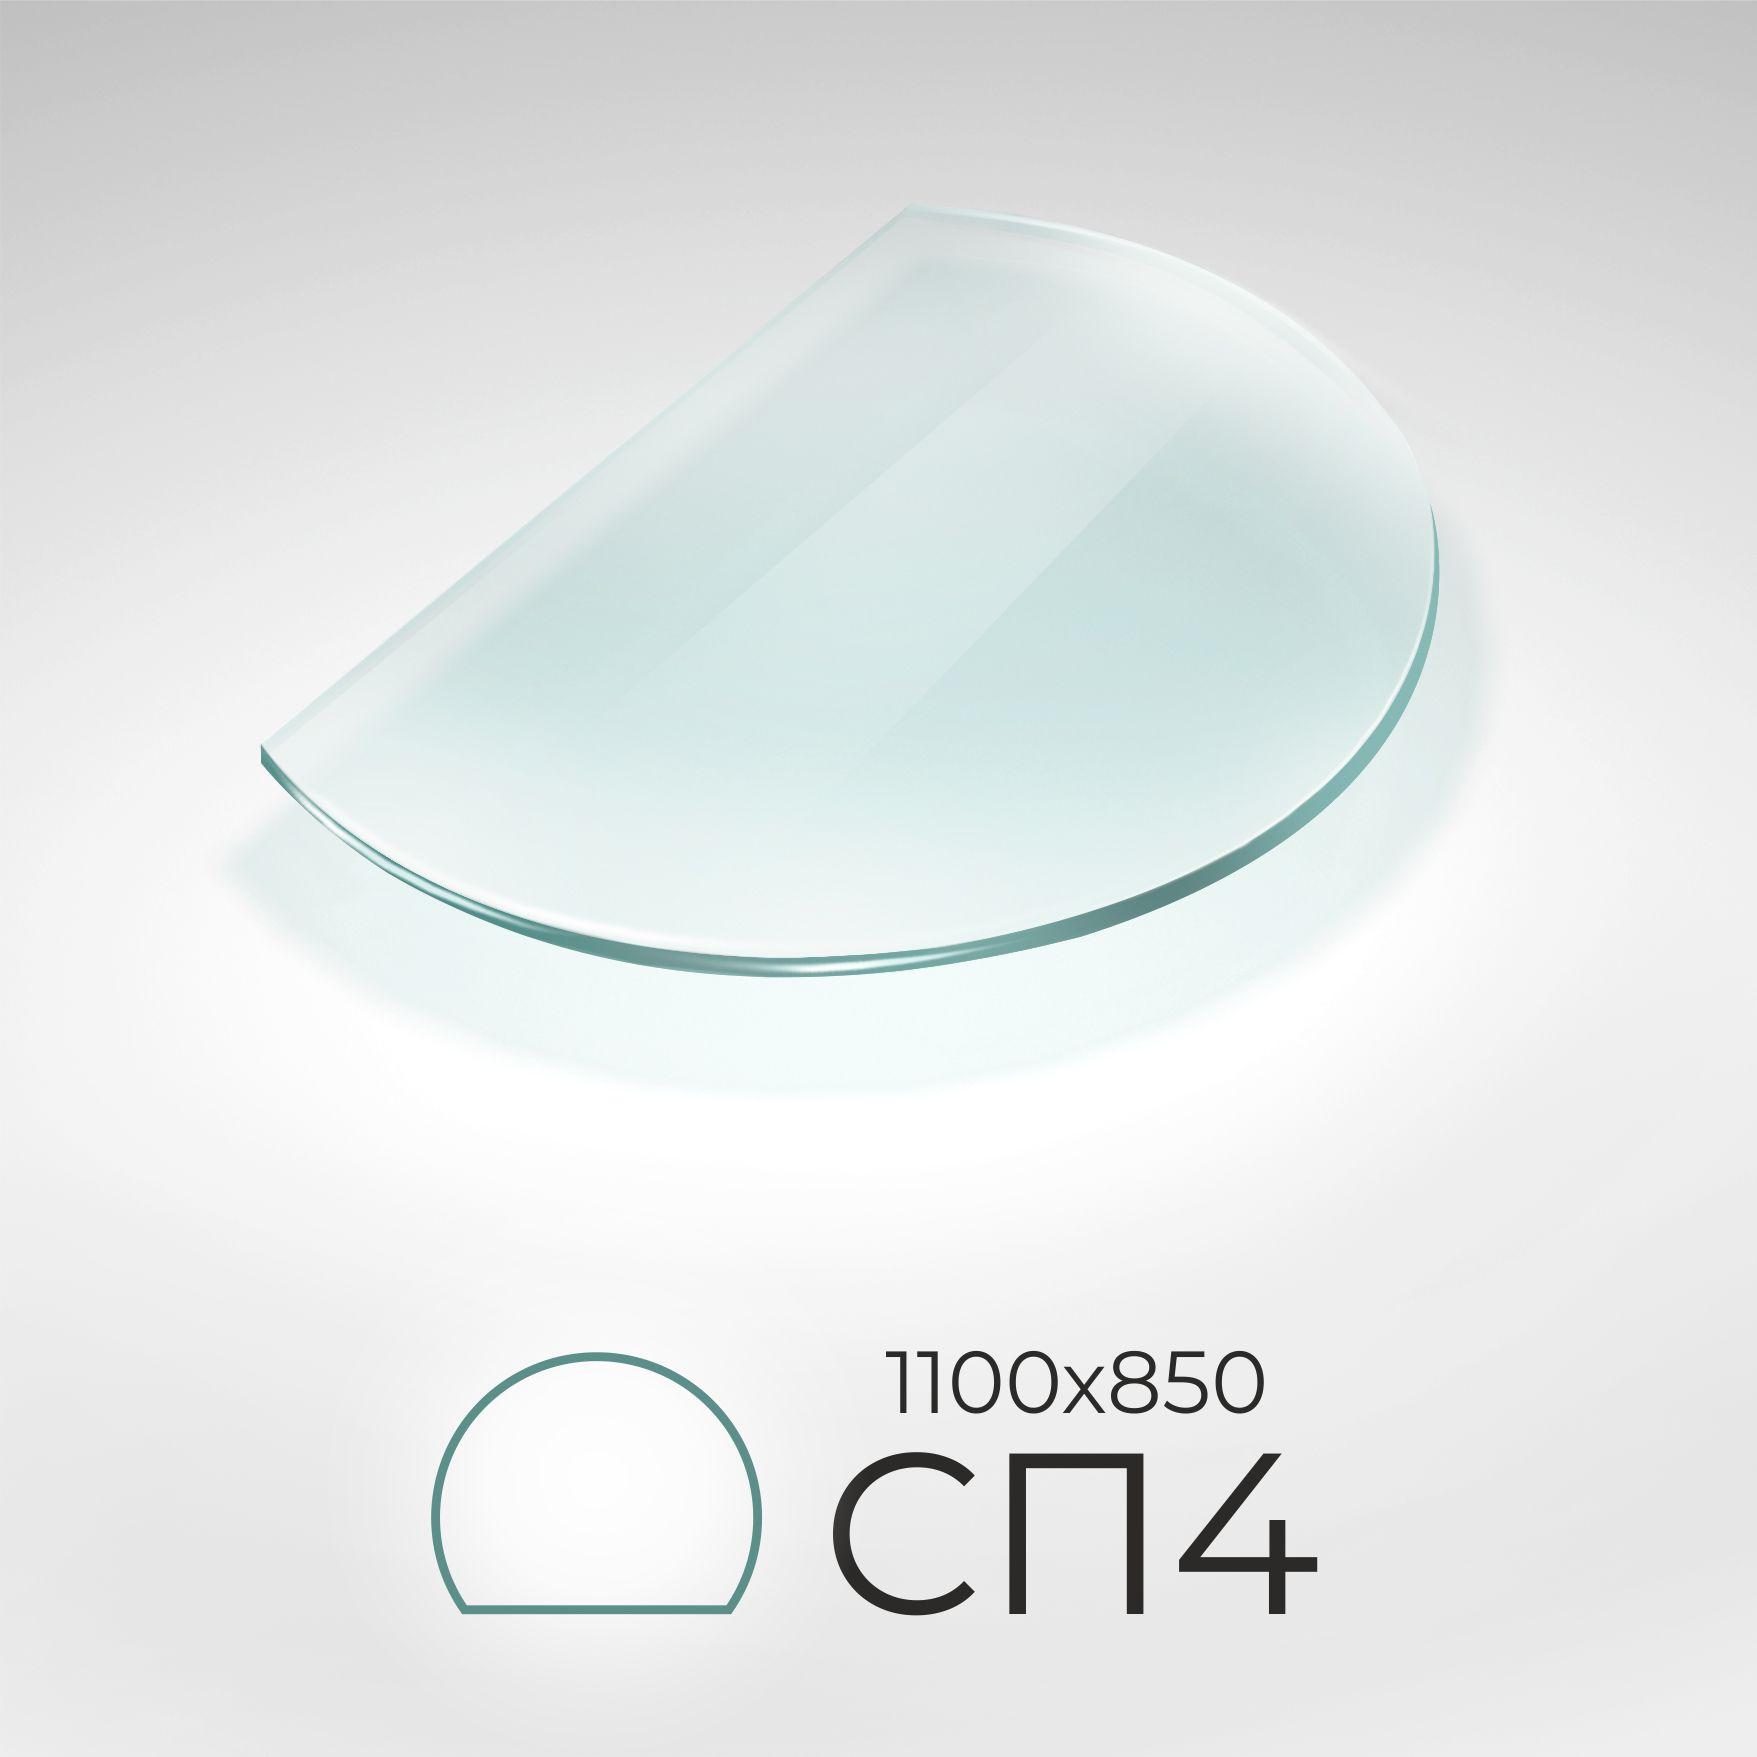 Купить стекло напольное СП4 (под печь) 1100х850 мм